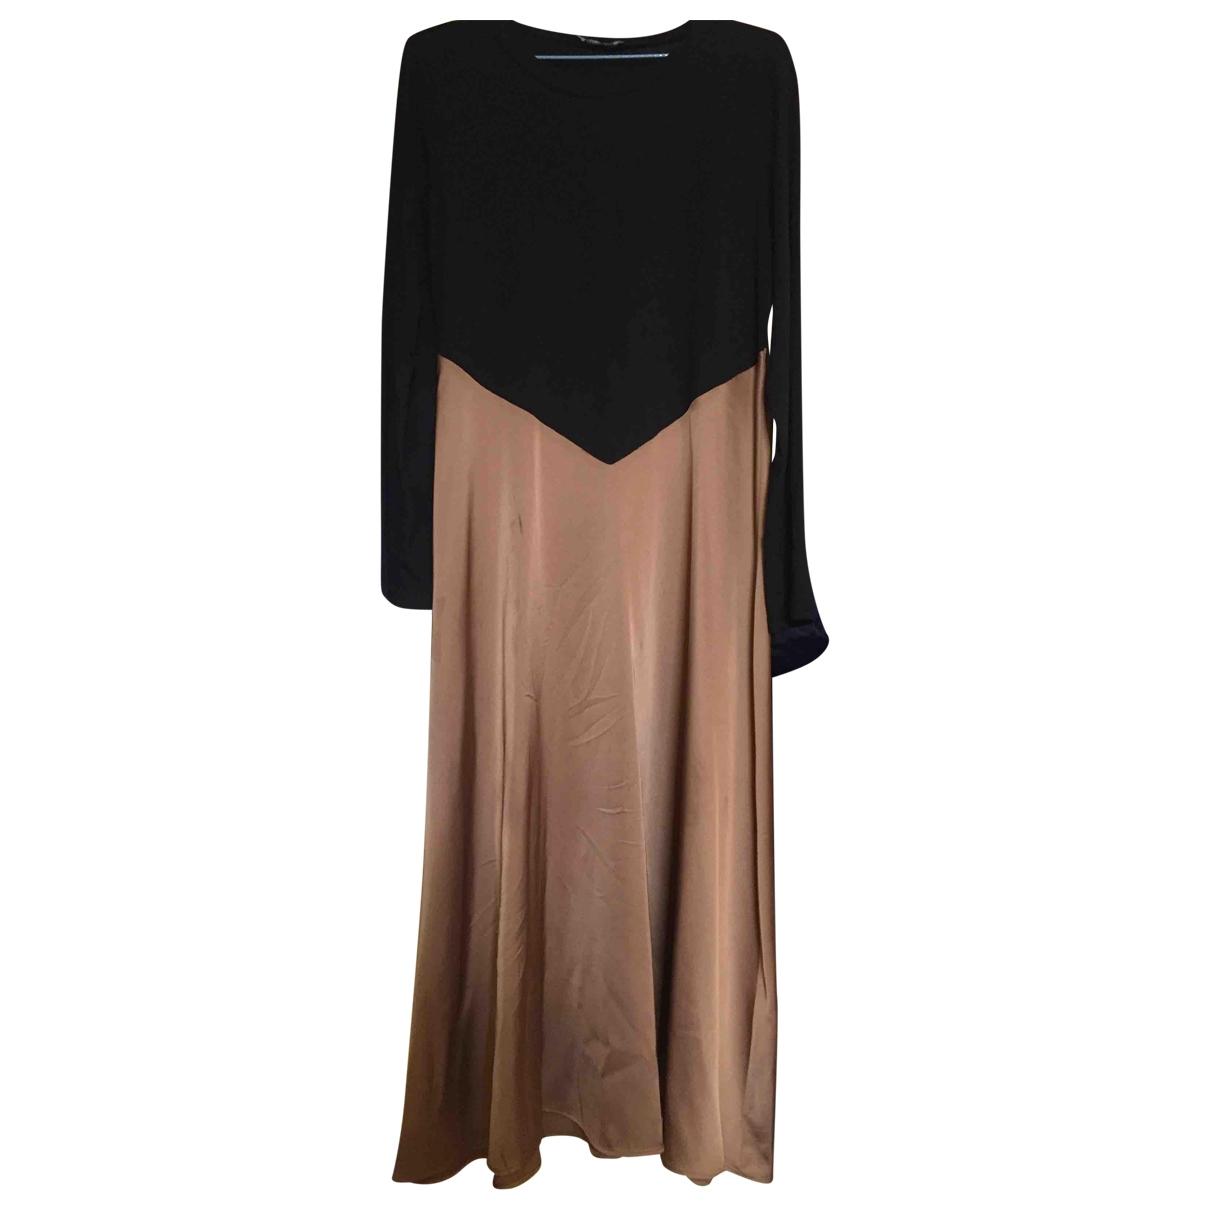 Zara \N Kleid in Baumwolle - Elasthan